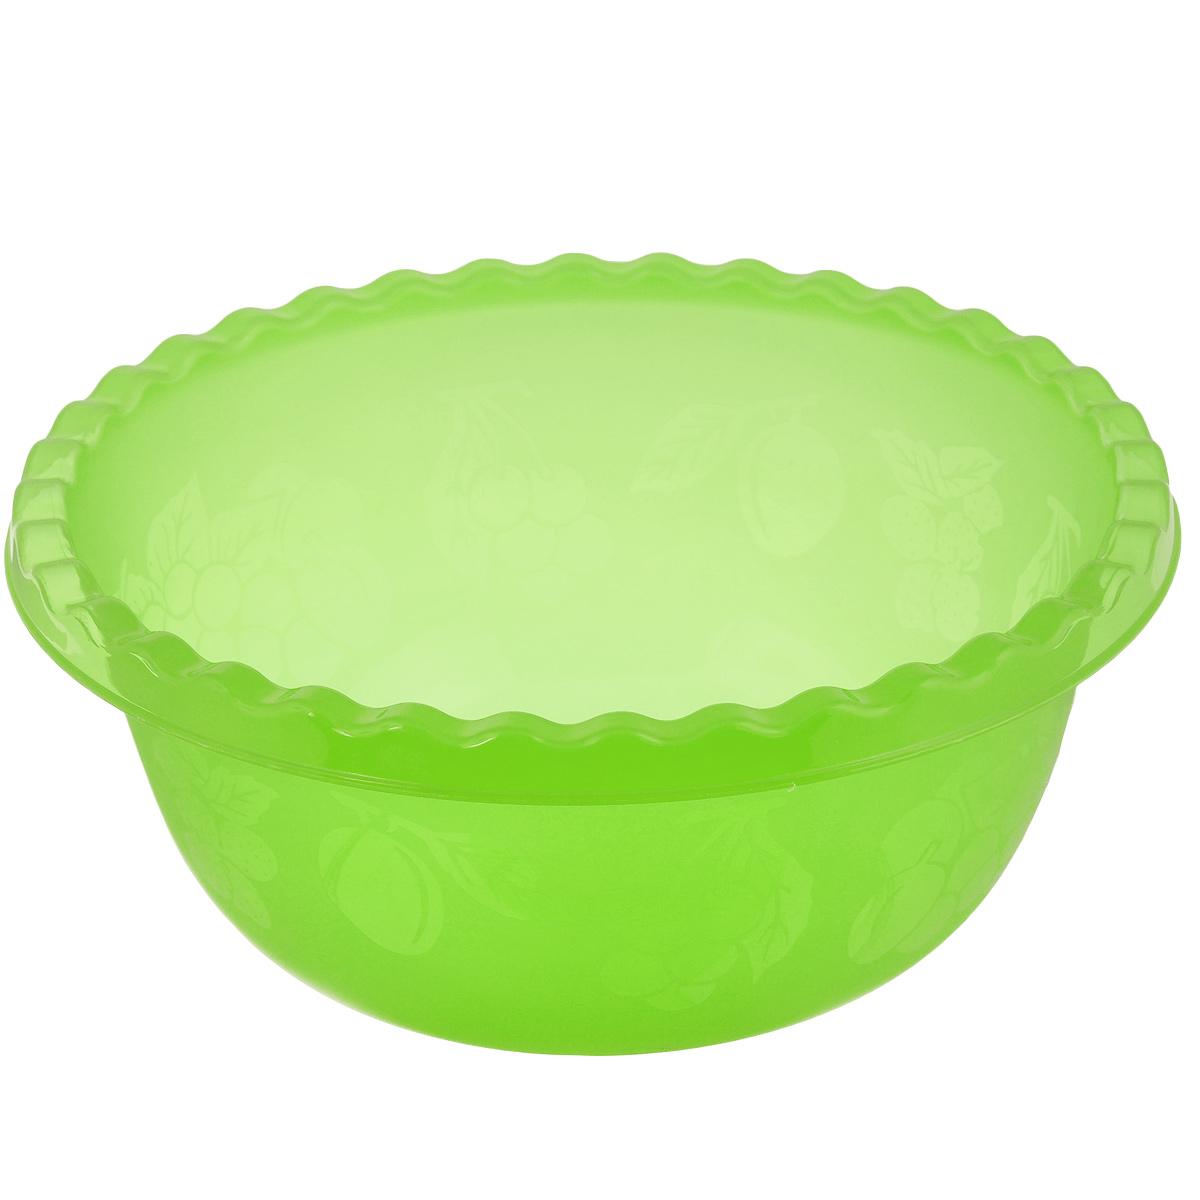 Миска Idea, цвет: салатовый, 5 л набор контейнеров idea квадратные цвет салатовый 0 5 л 3 шт